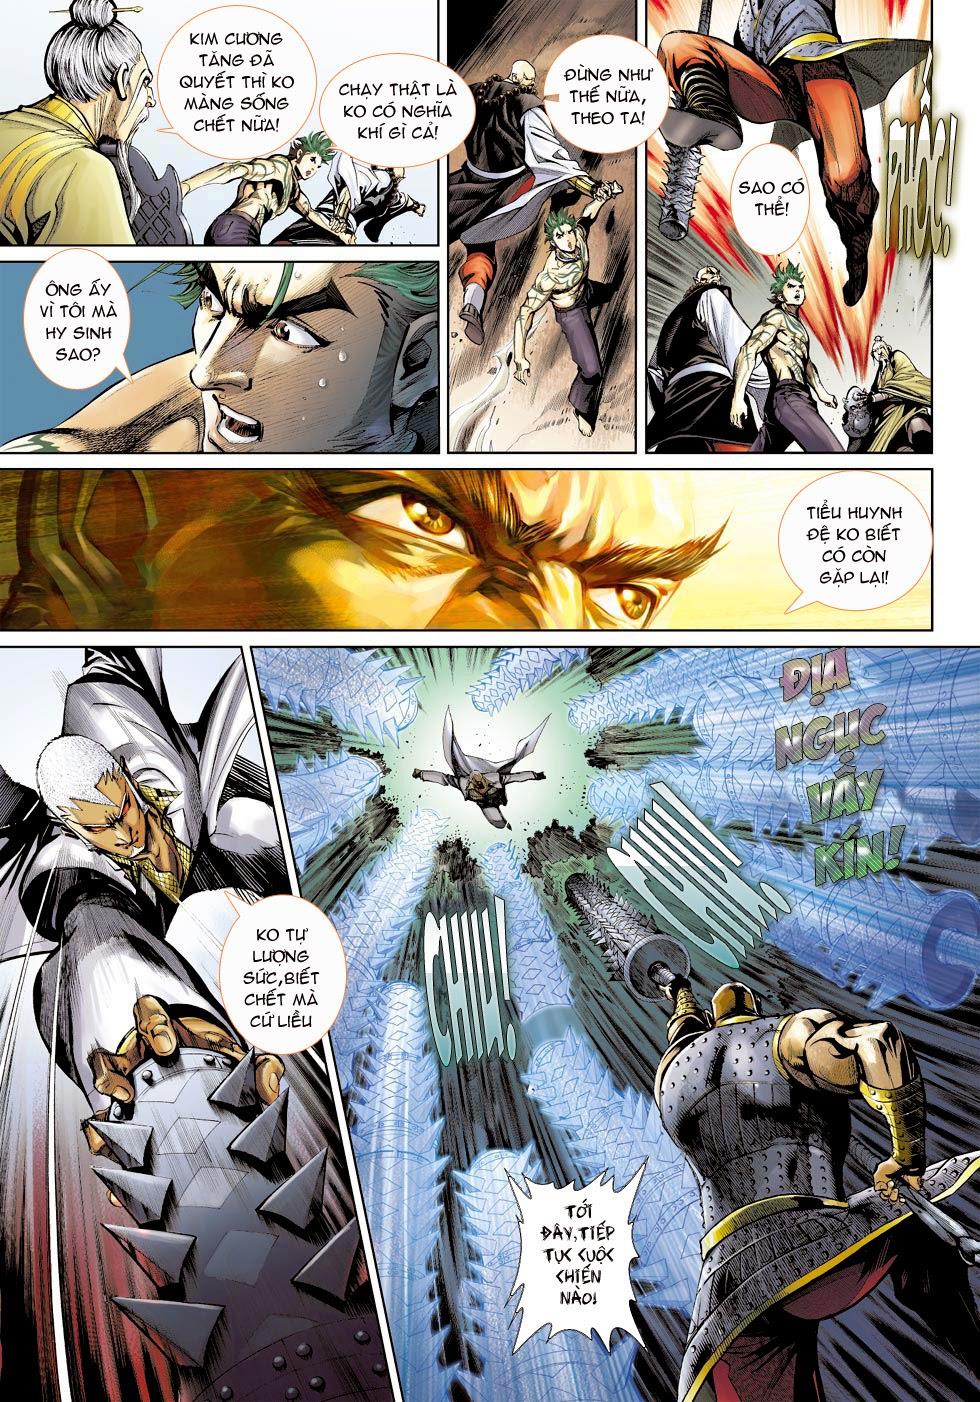 Thần Binh 4 chap 25 - Trang 21